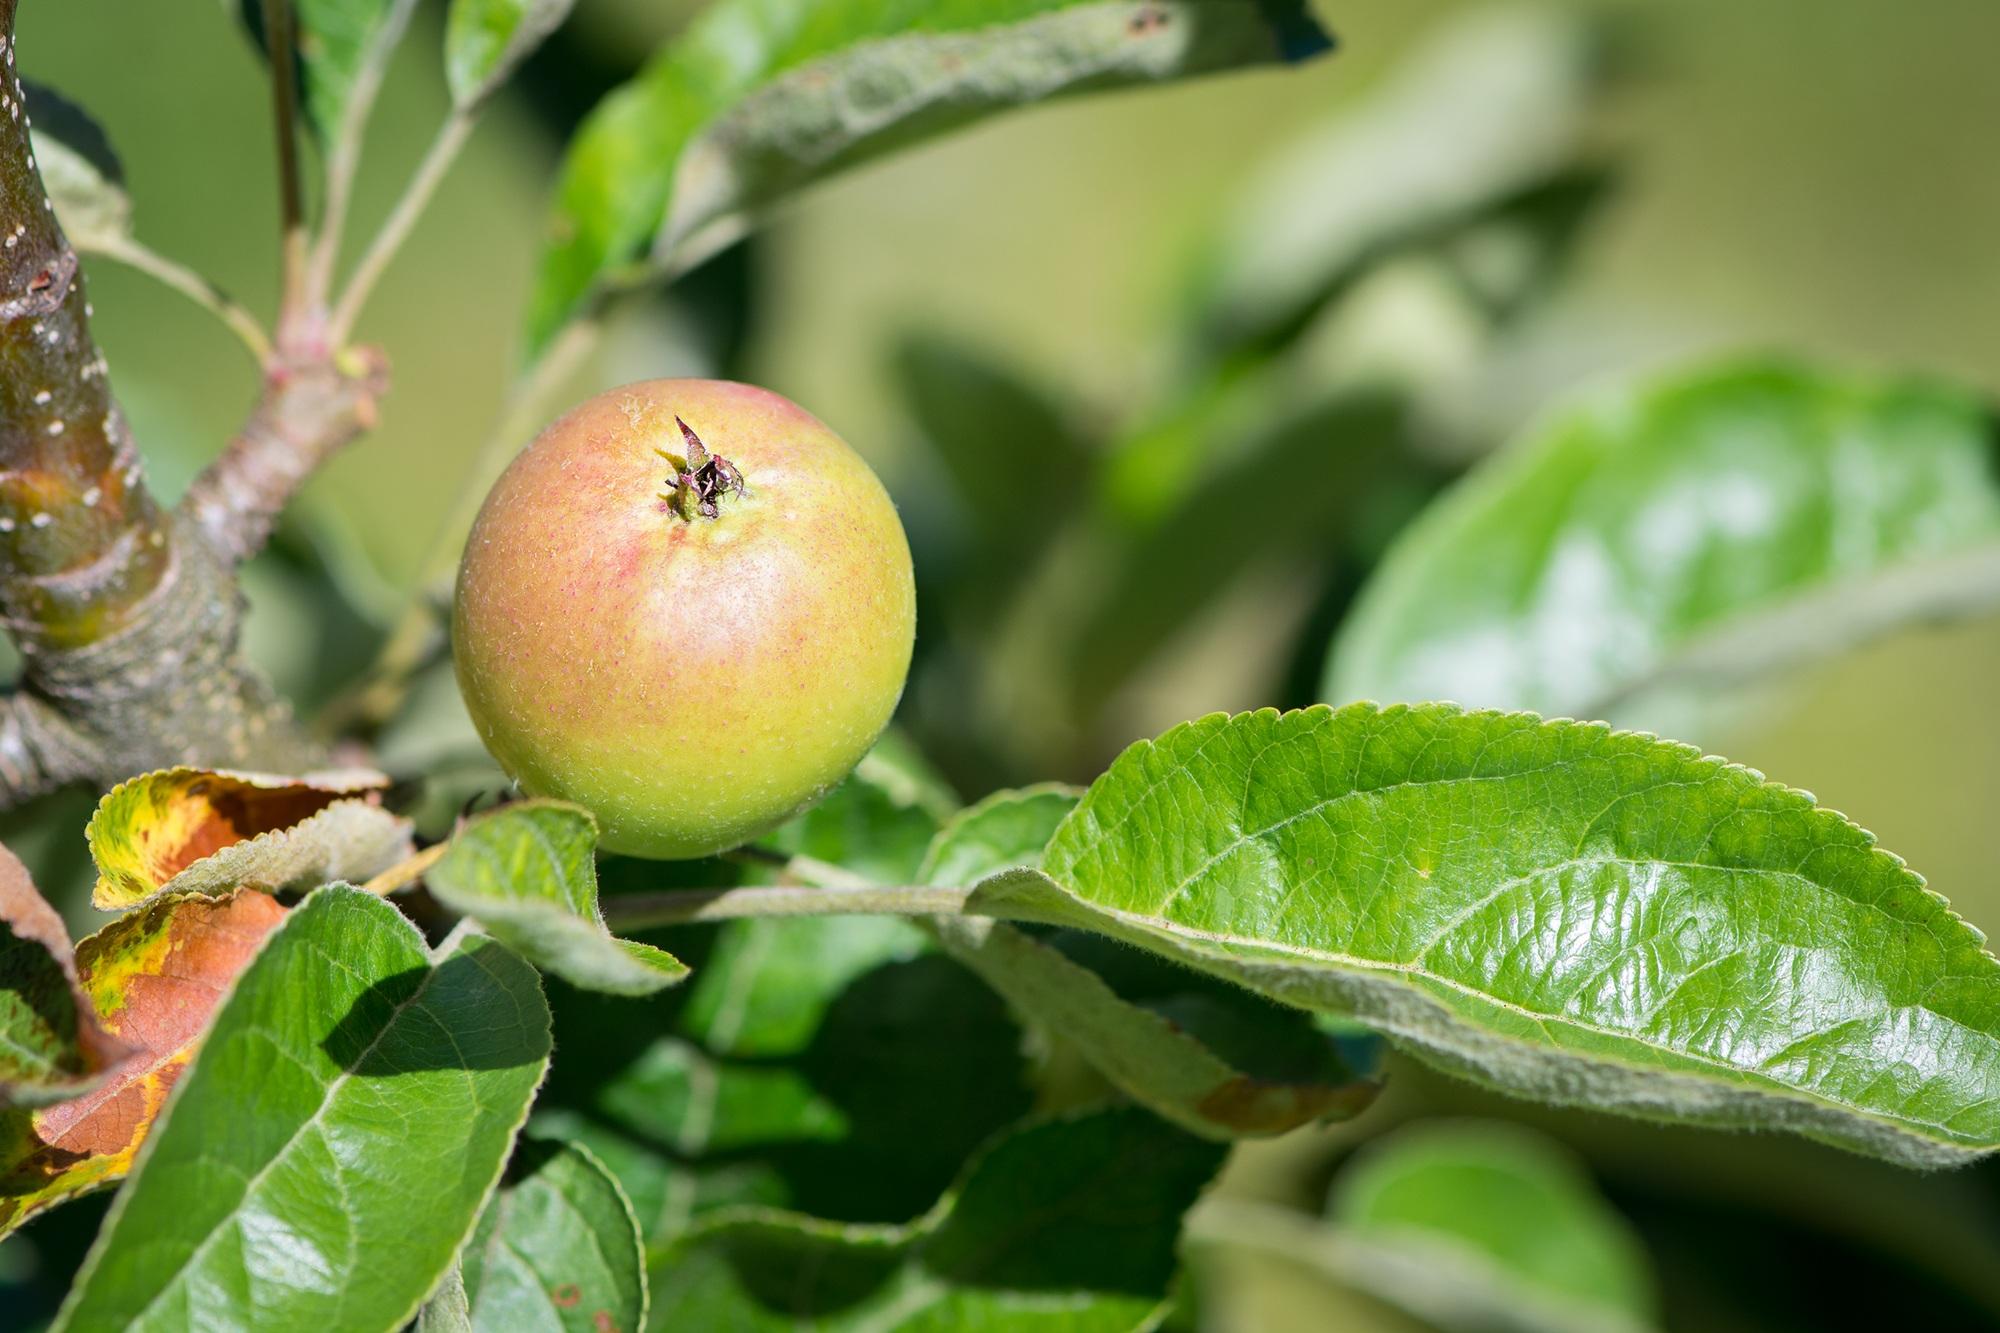 тех цветы яблоки листья картинки боится